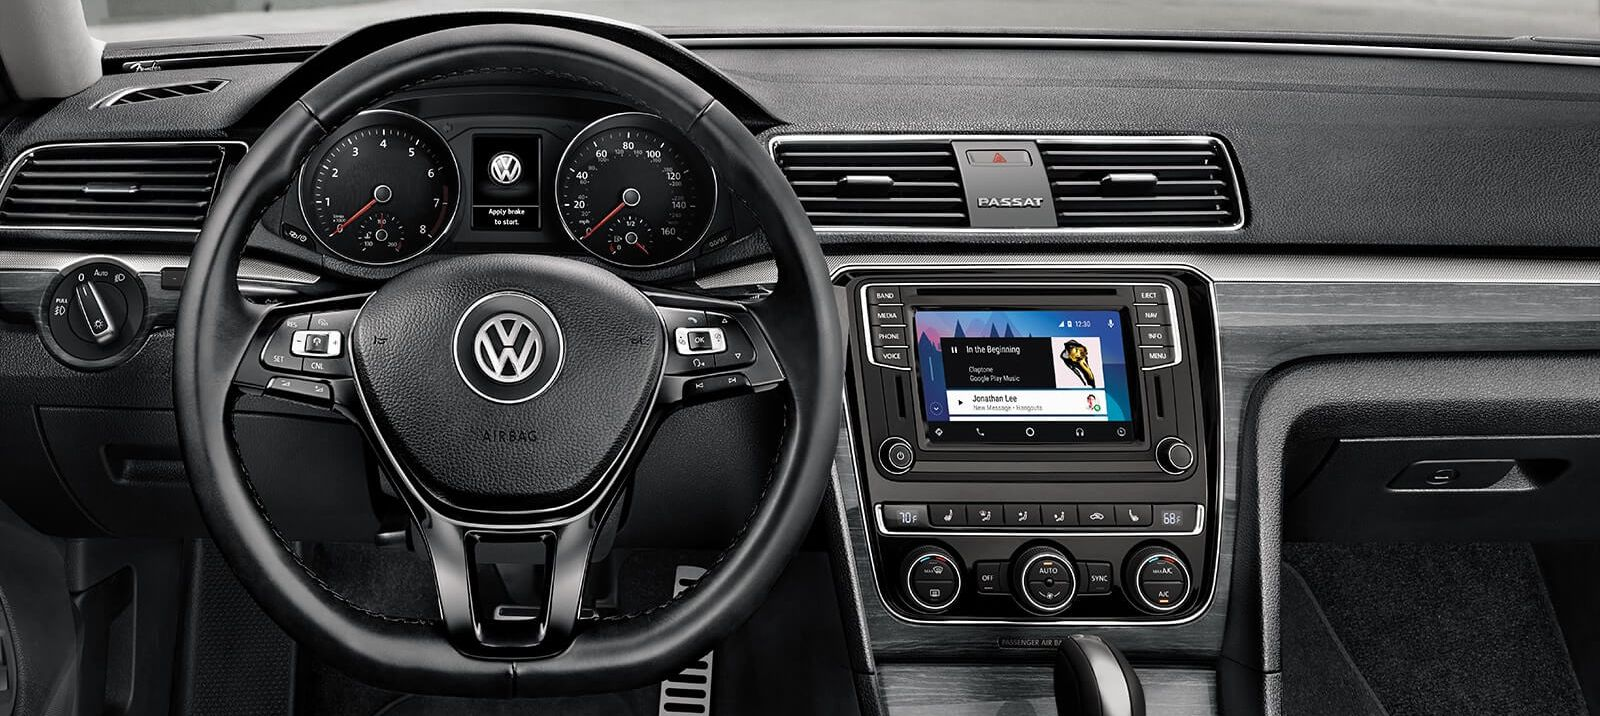 2018 Volkswagen Passat Financing Near Long Island Ny